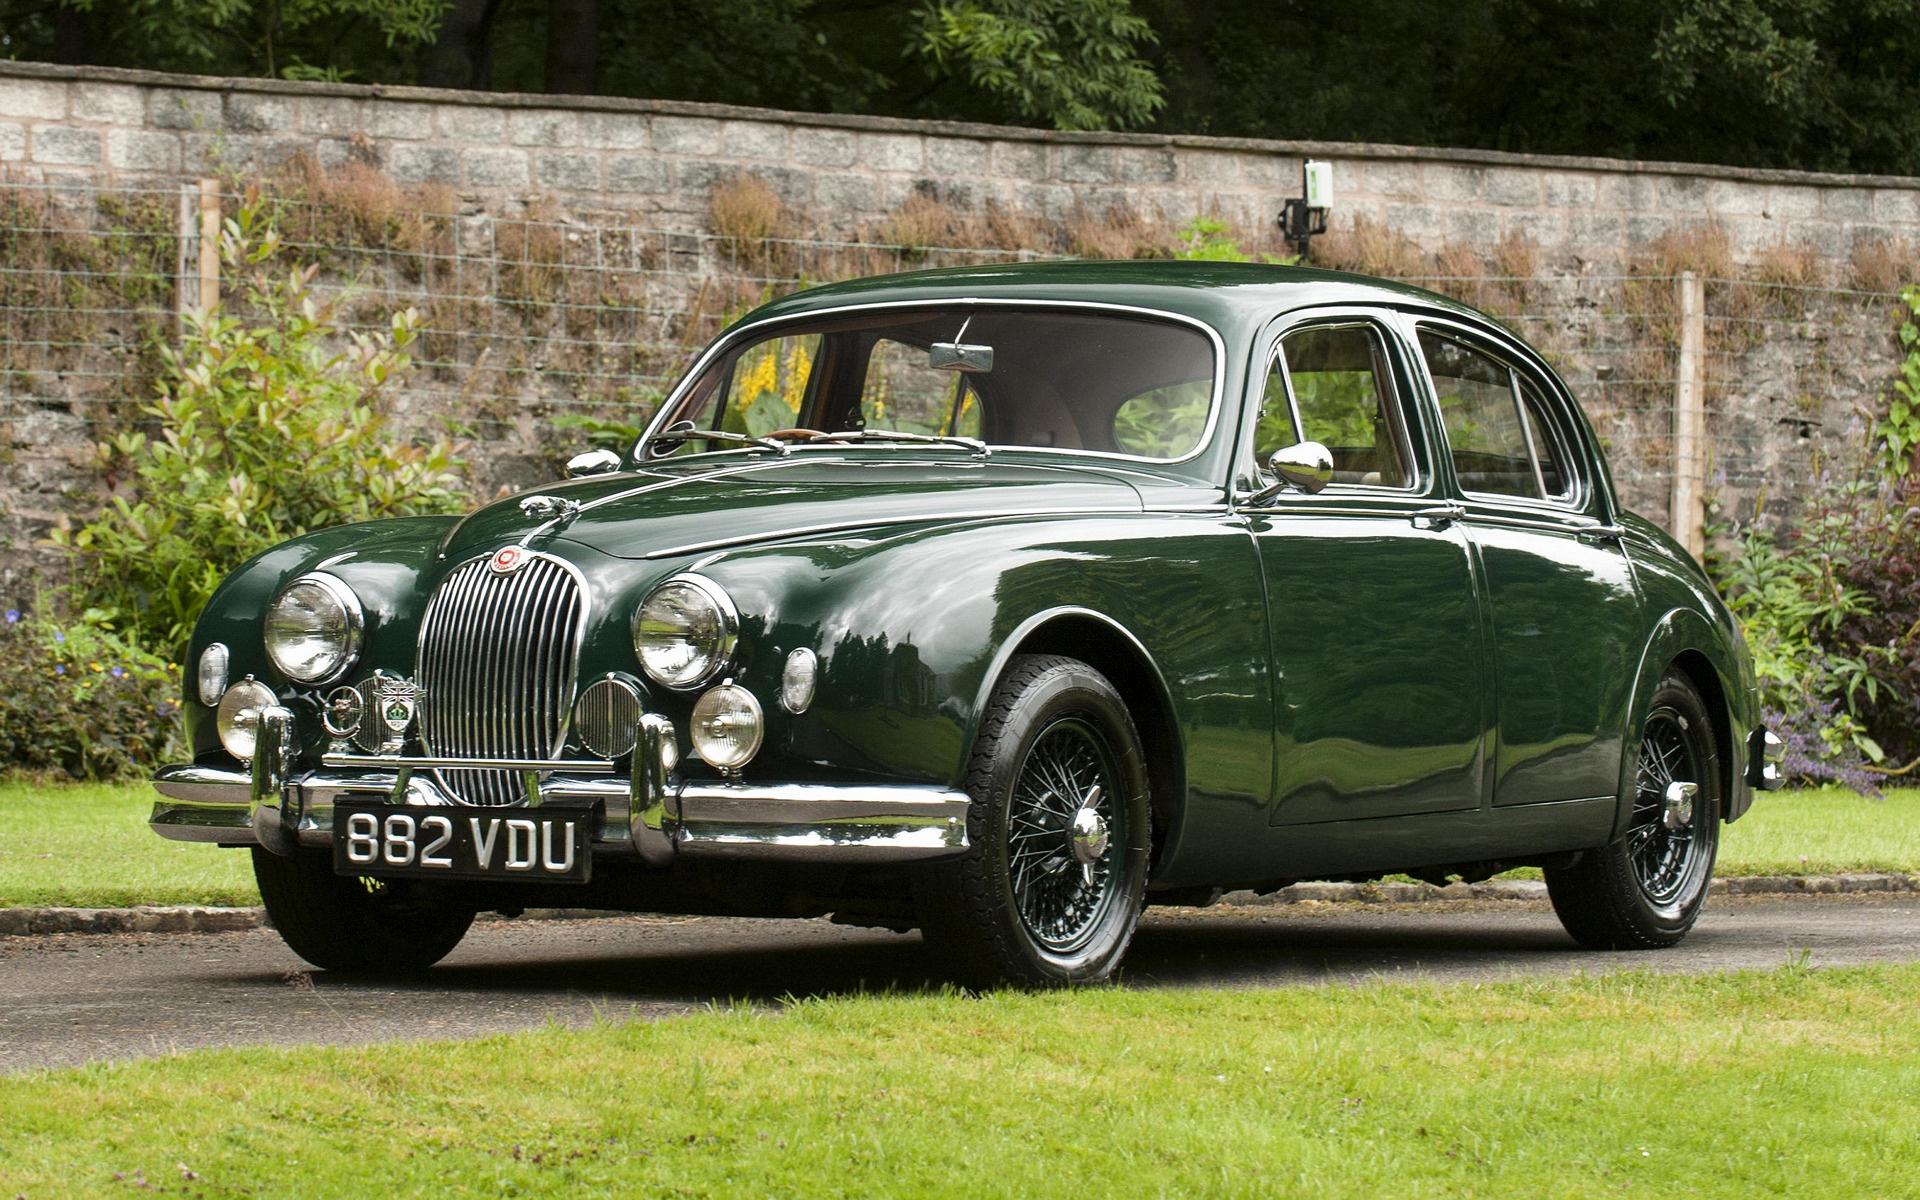 Jaguar Mark 1 (1955) UK Wallpapers and HD Images - Car Pixel